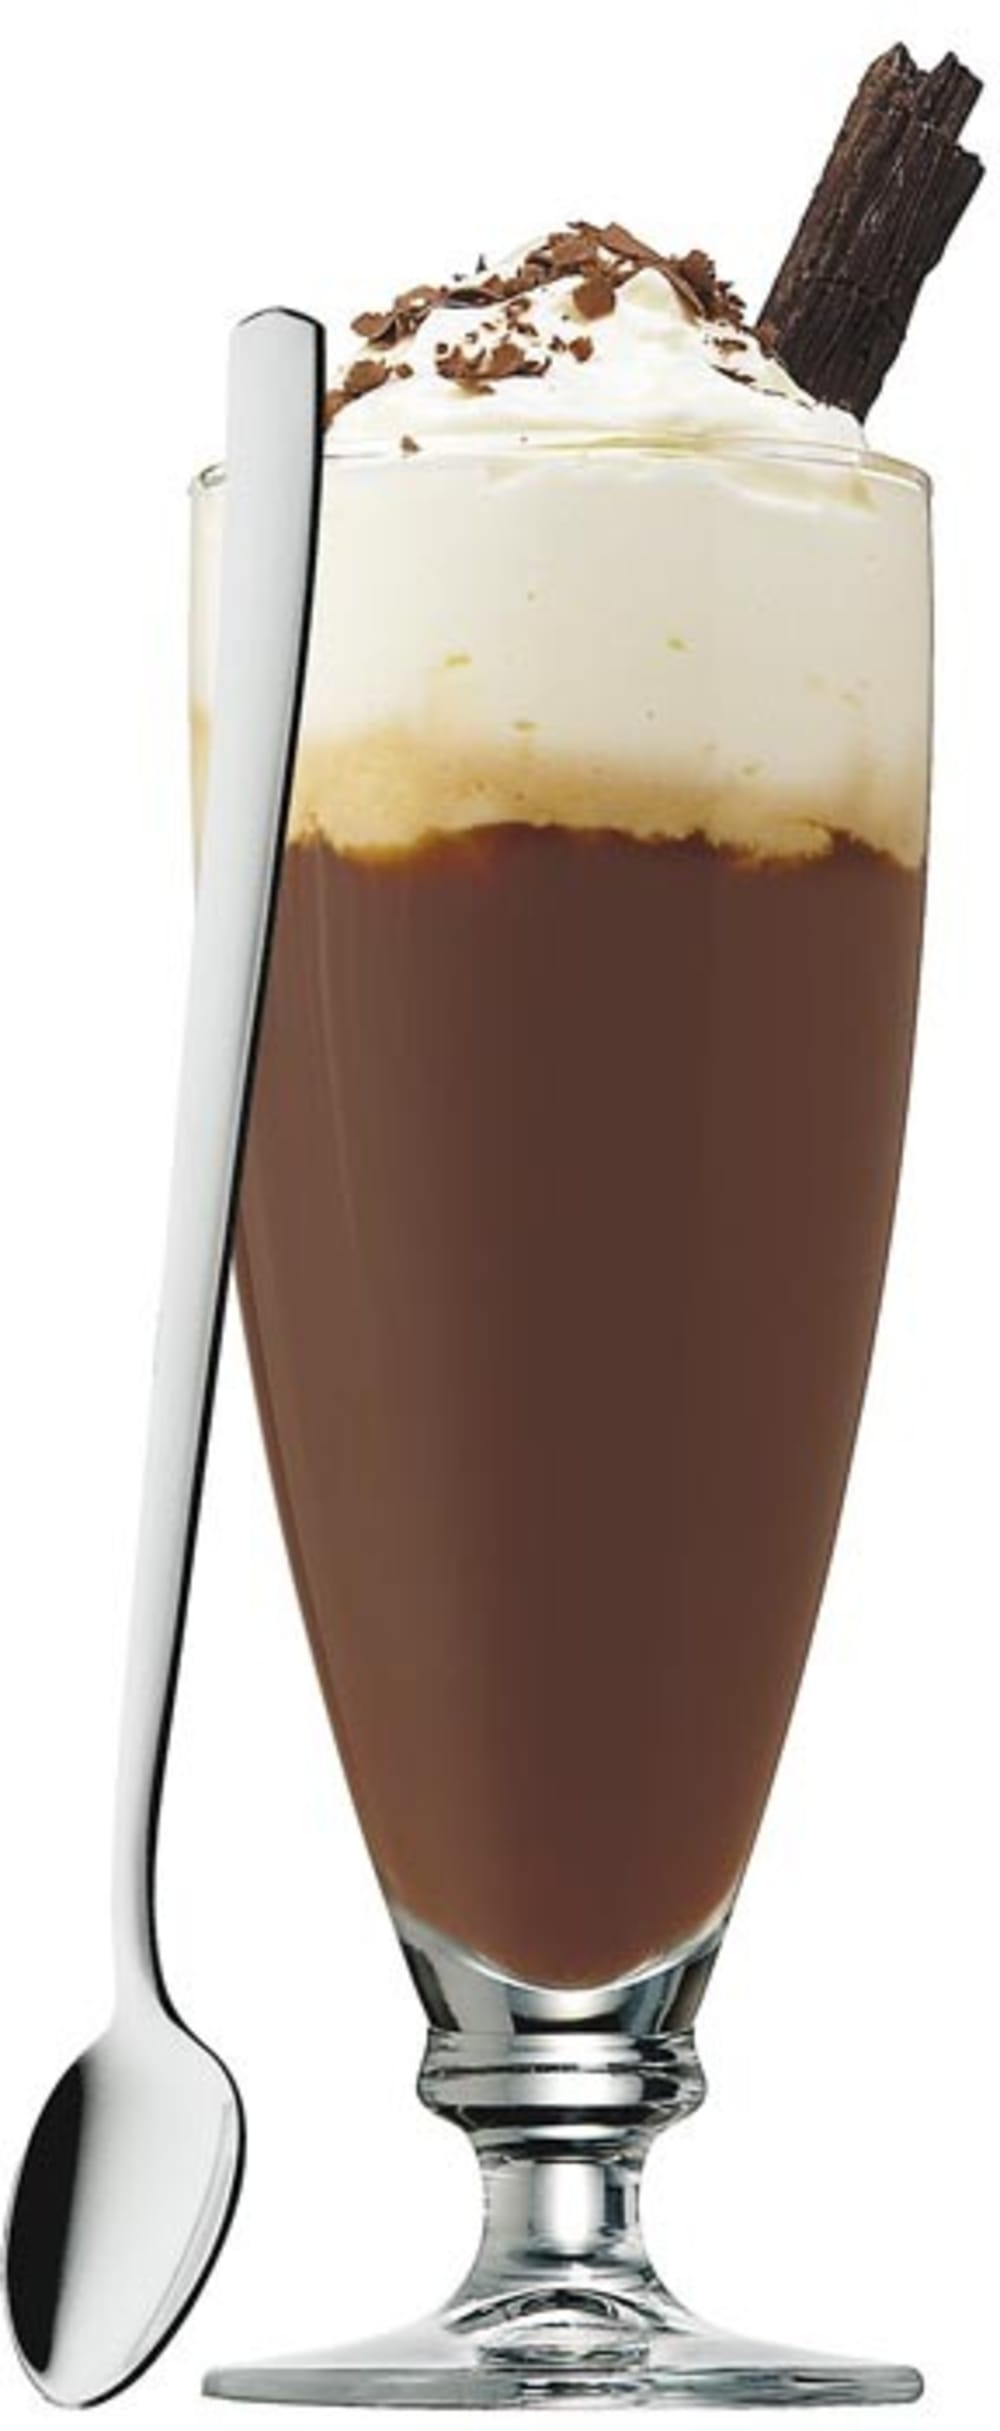 WMF - Szklanka+łyżka do mrożonej kawy, Clever&More